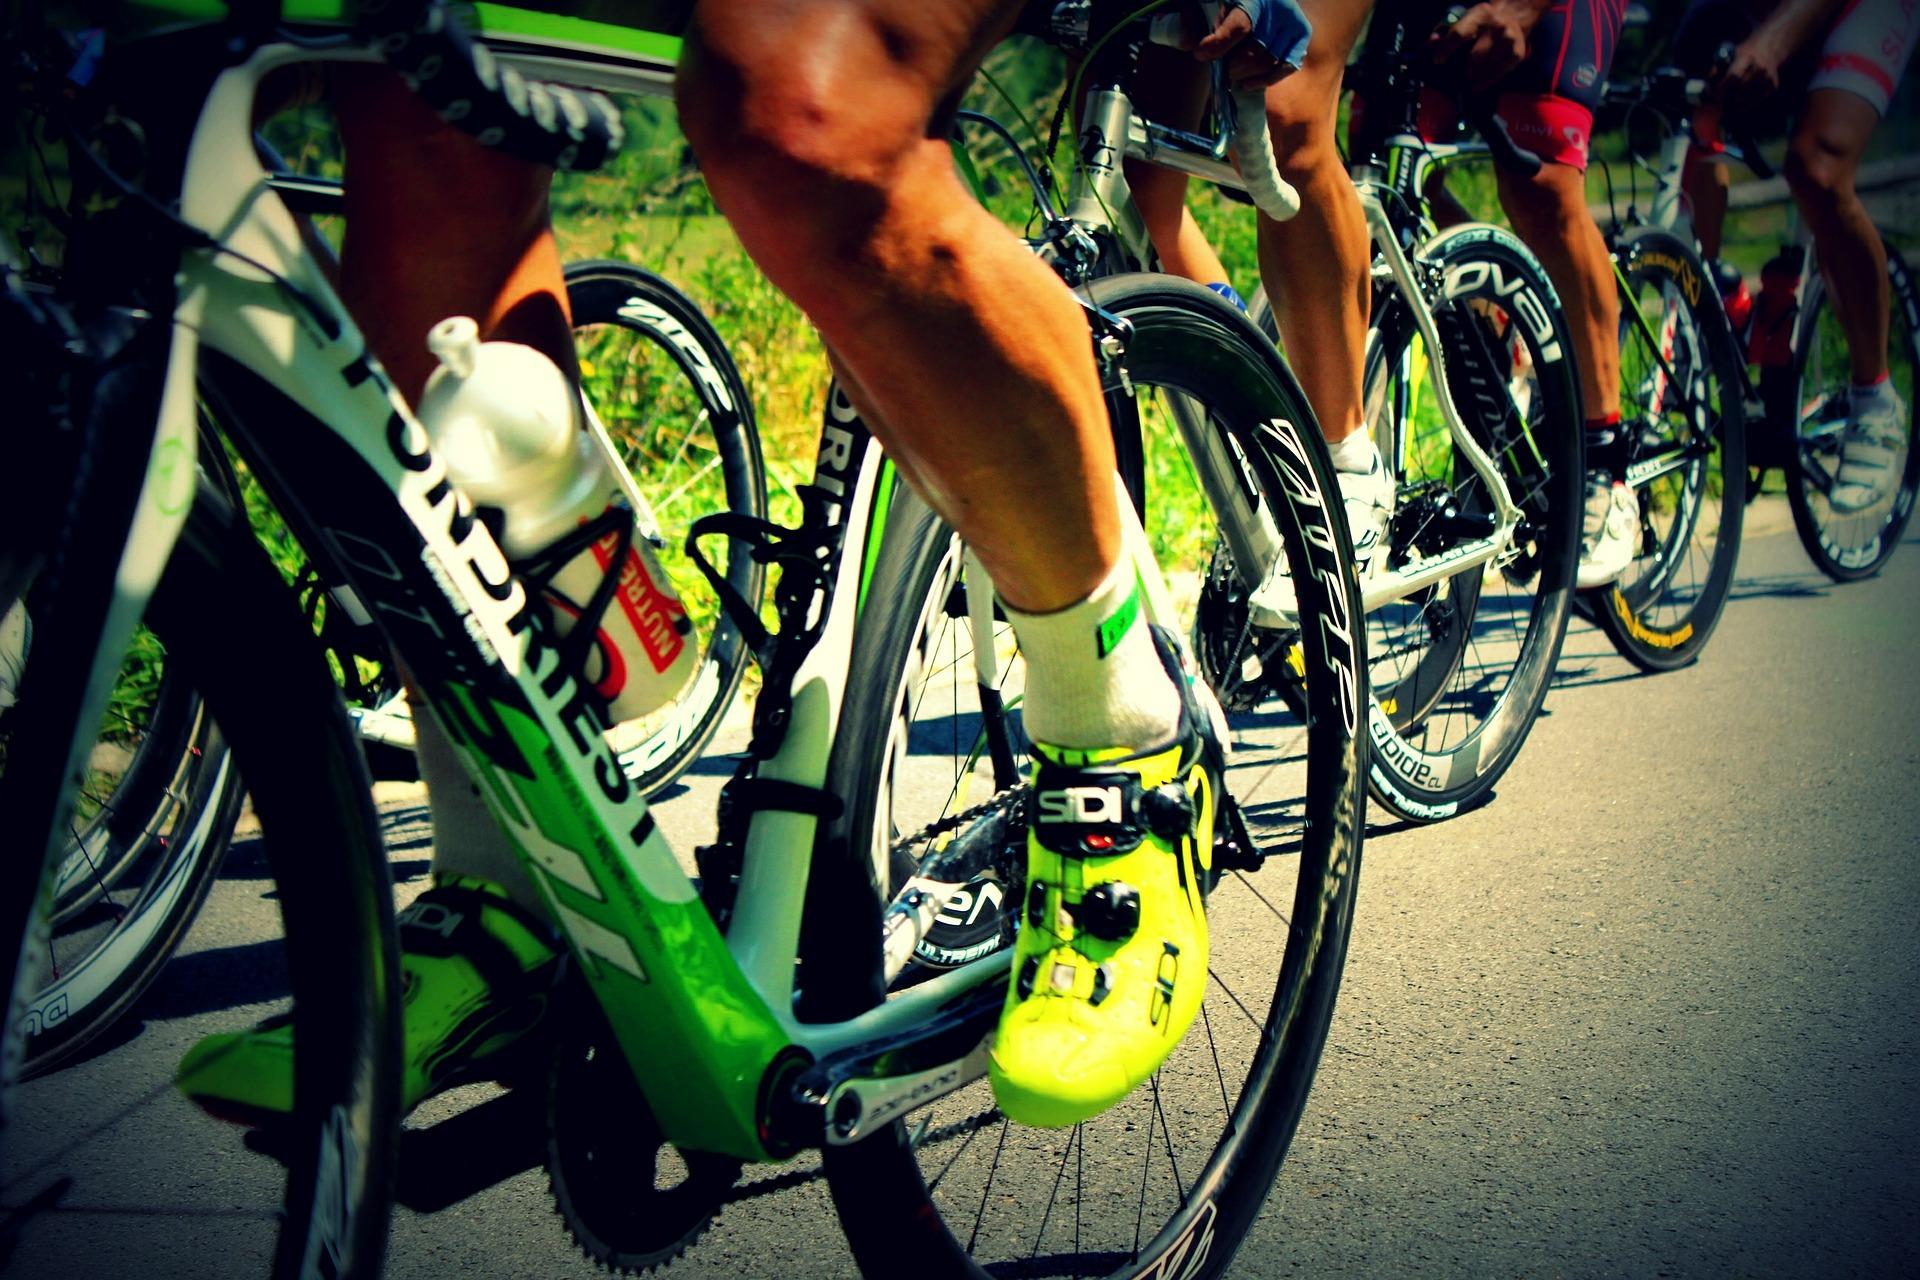 Cyclisme rouler en club ou tout seul?